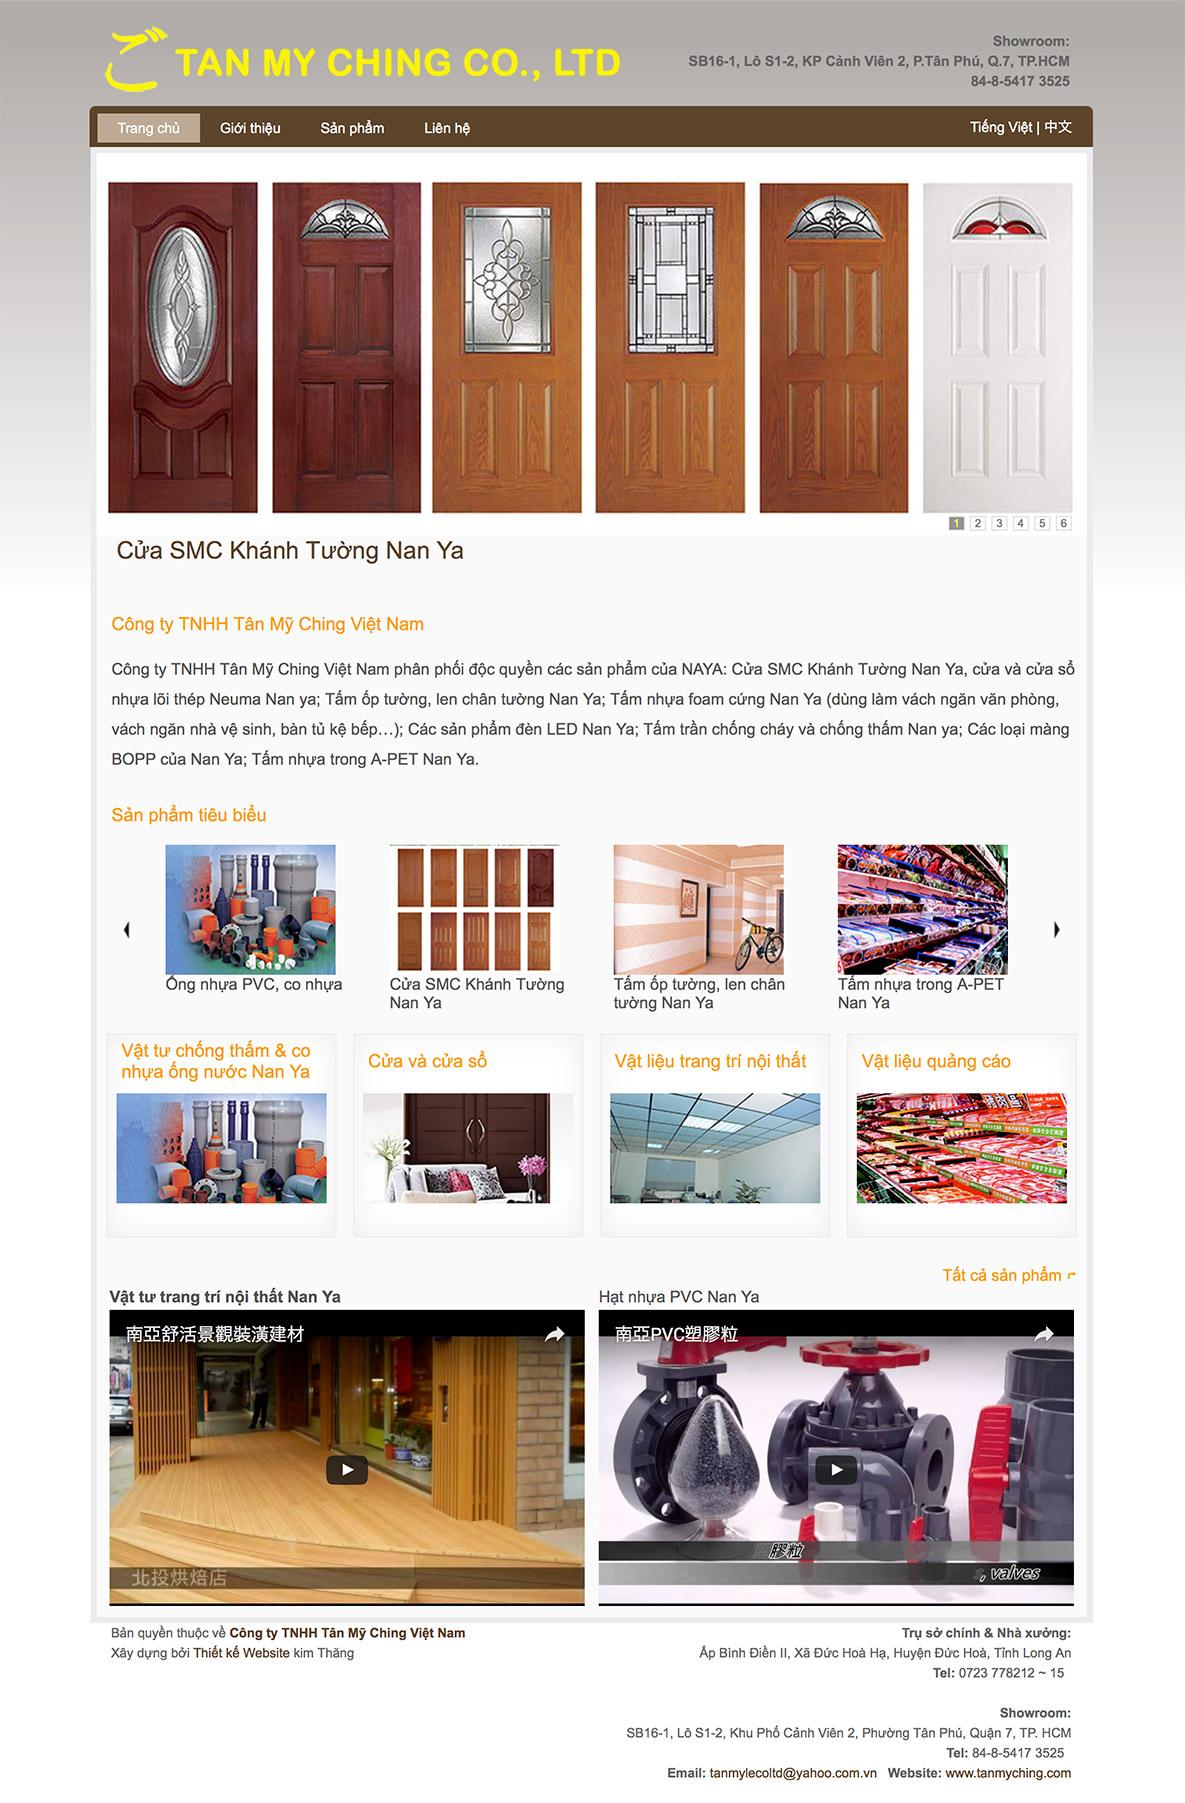 Công ty TNHH Tân Mỹ Ching Việt Nam